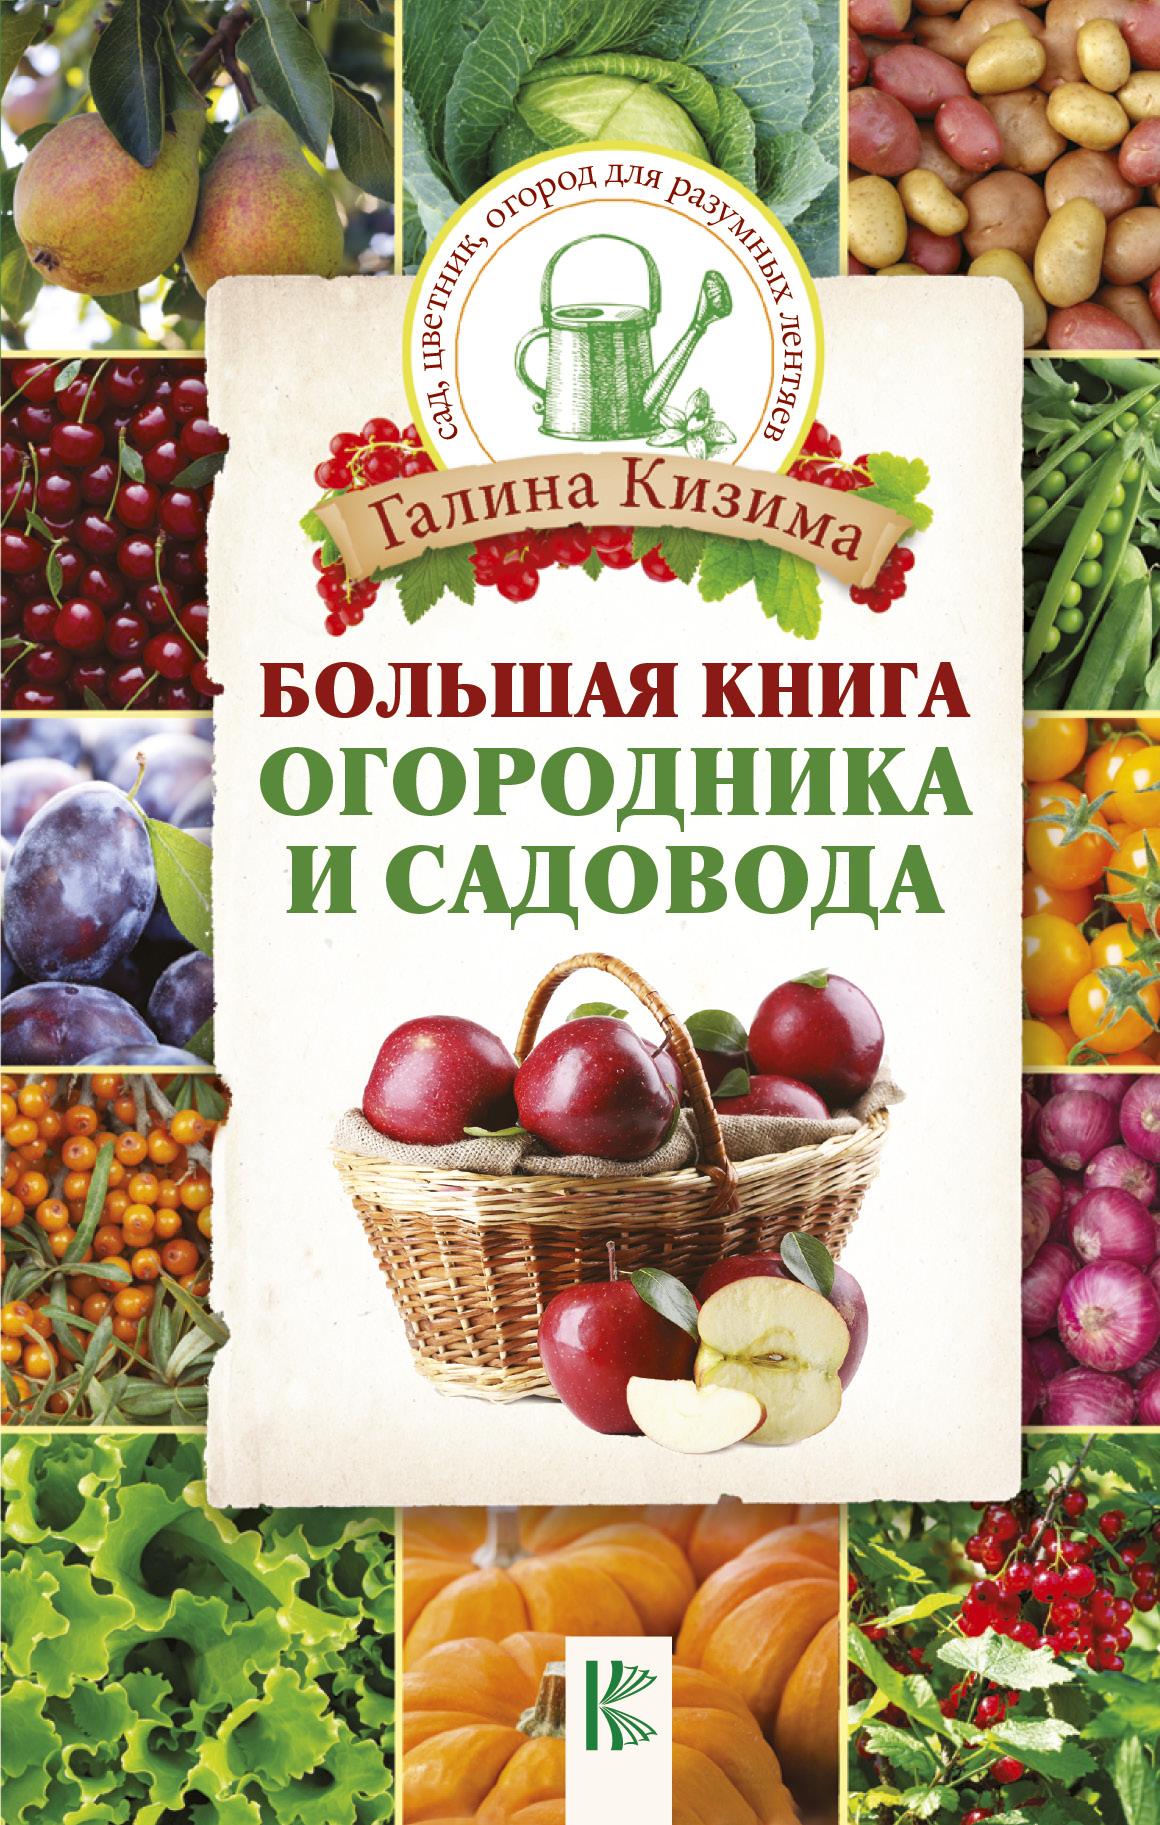 Галина Кизима Большая книга огородника и садовода